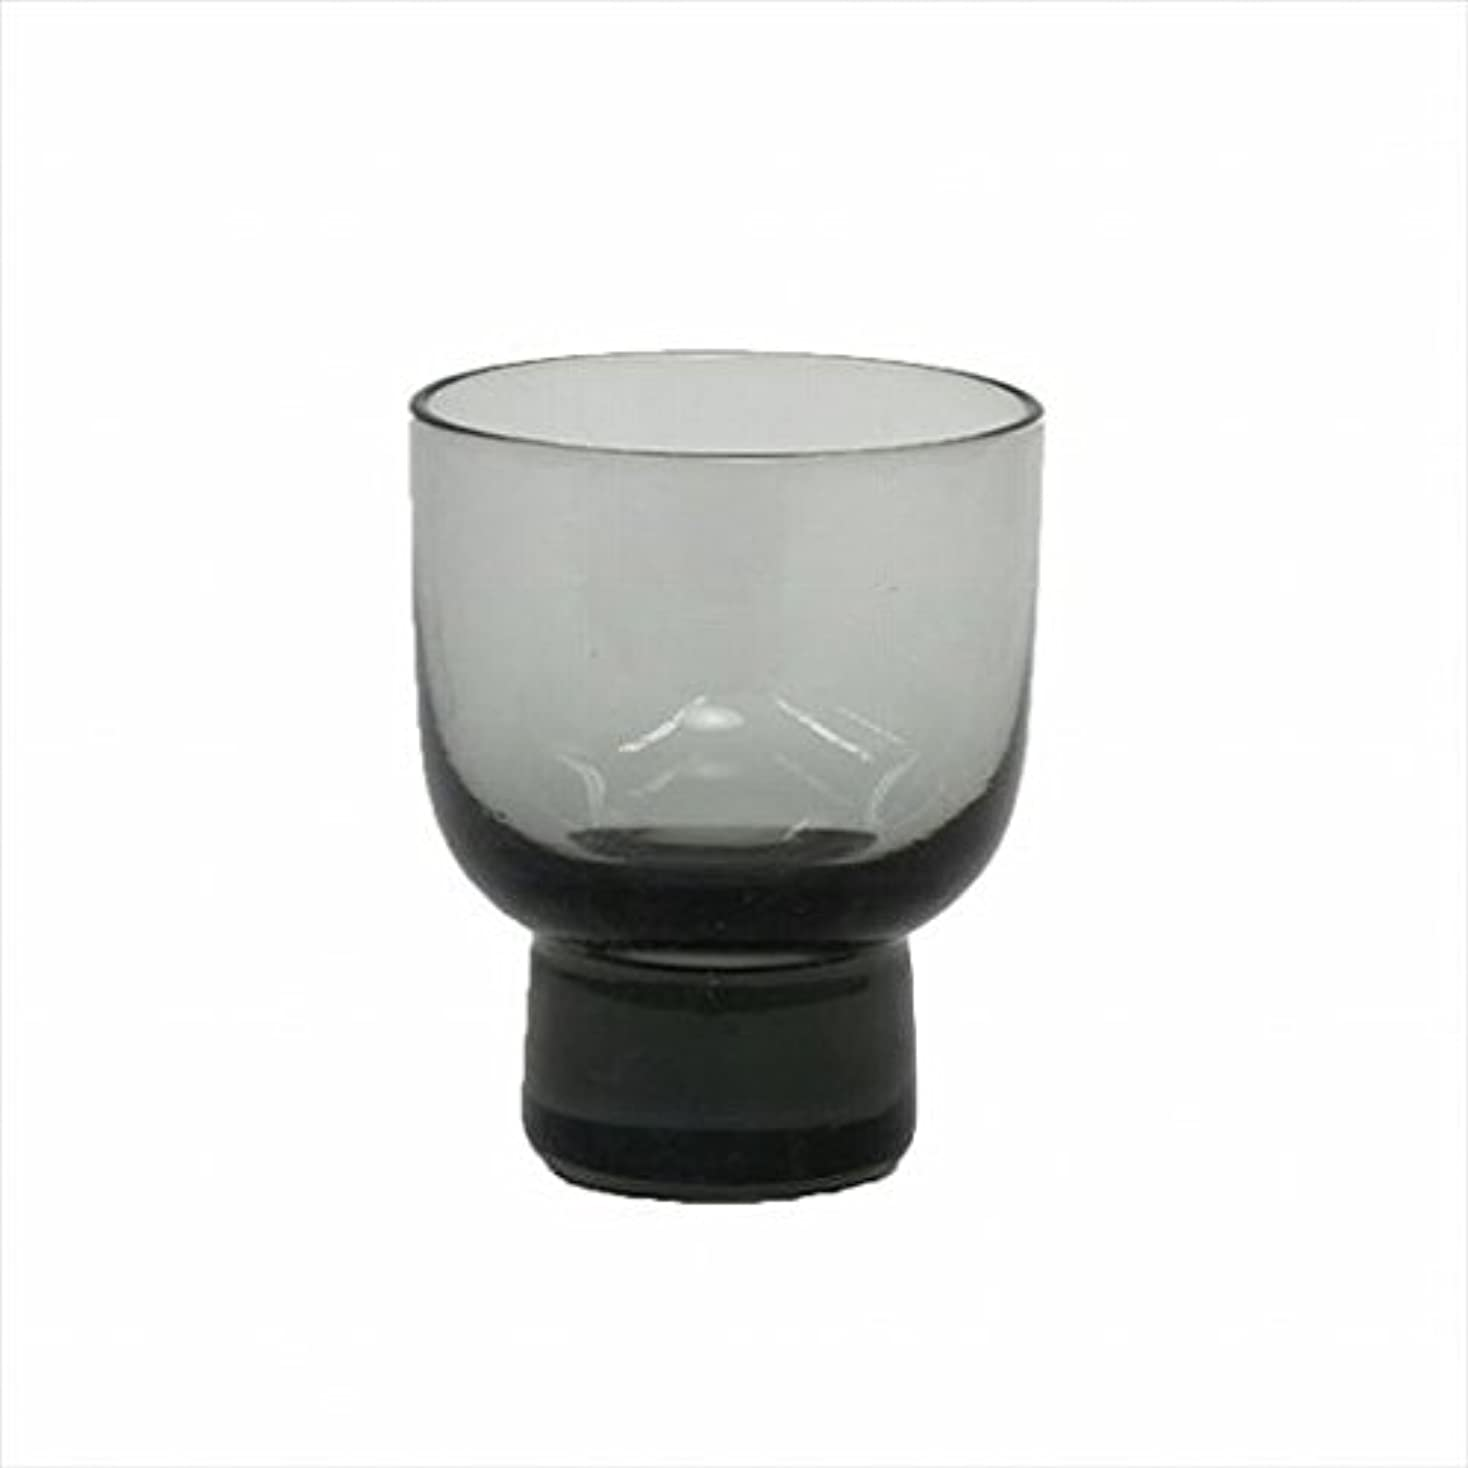 収容するあるパフカメヤマキャンドル(kameyama candle) ロキカップ 「 スモーク 」